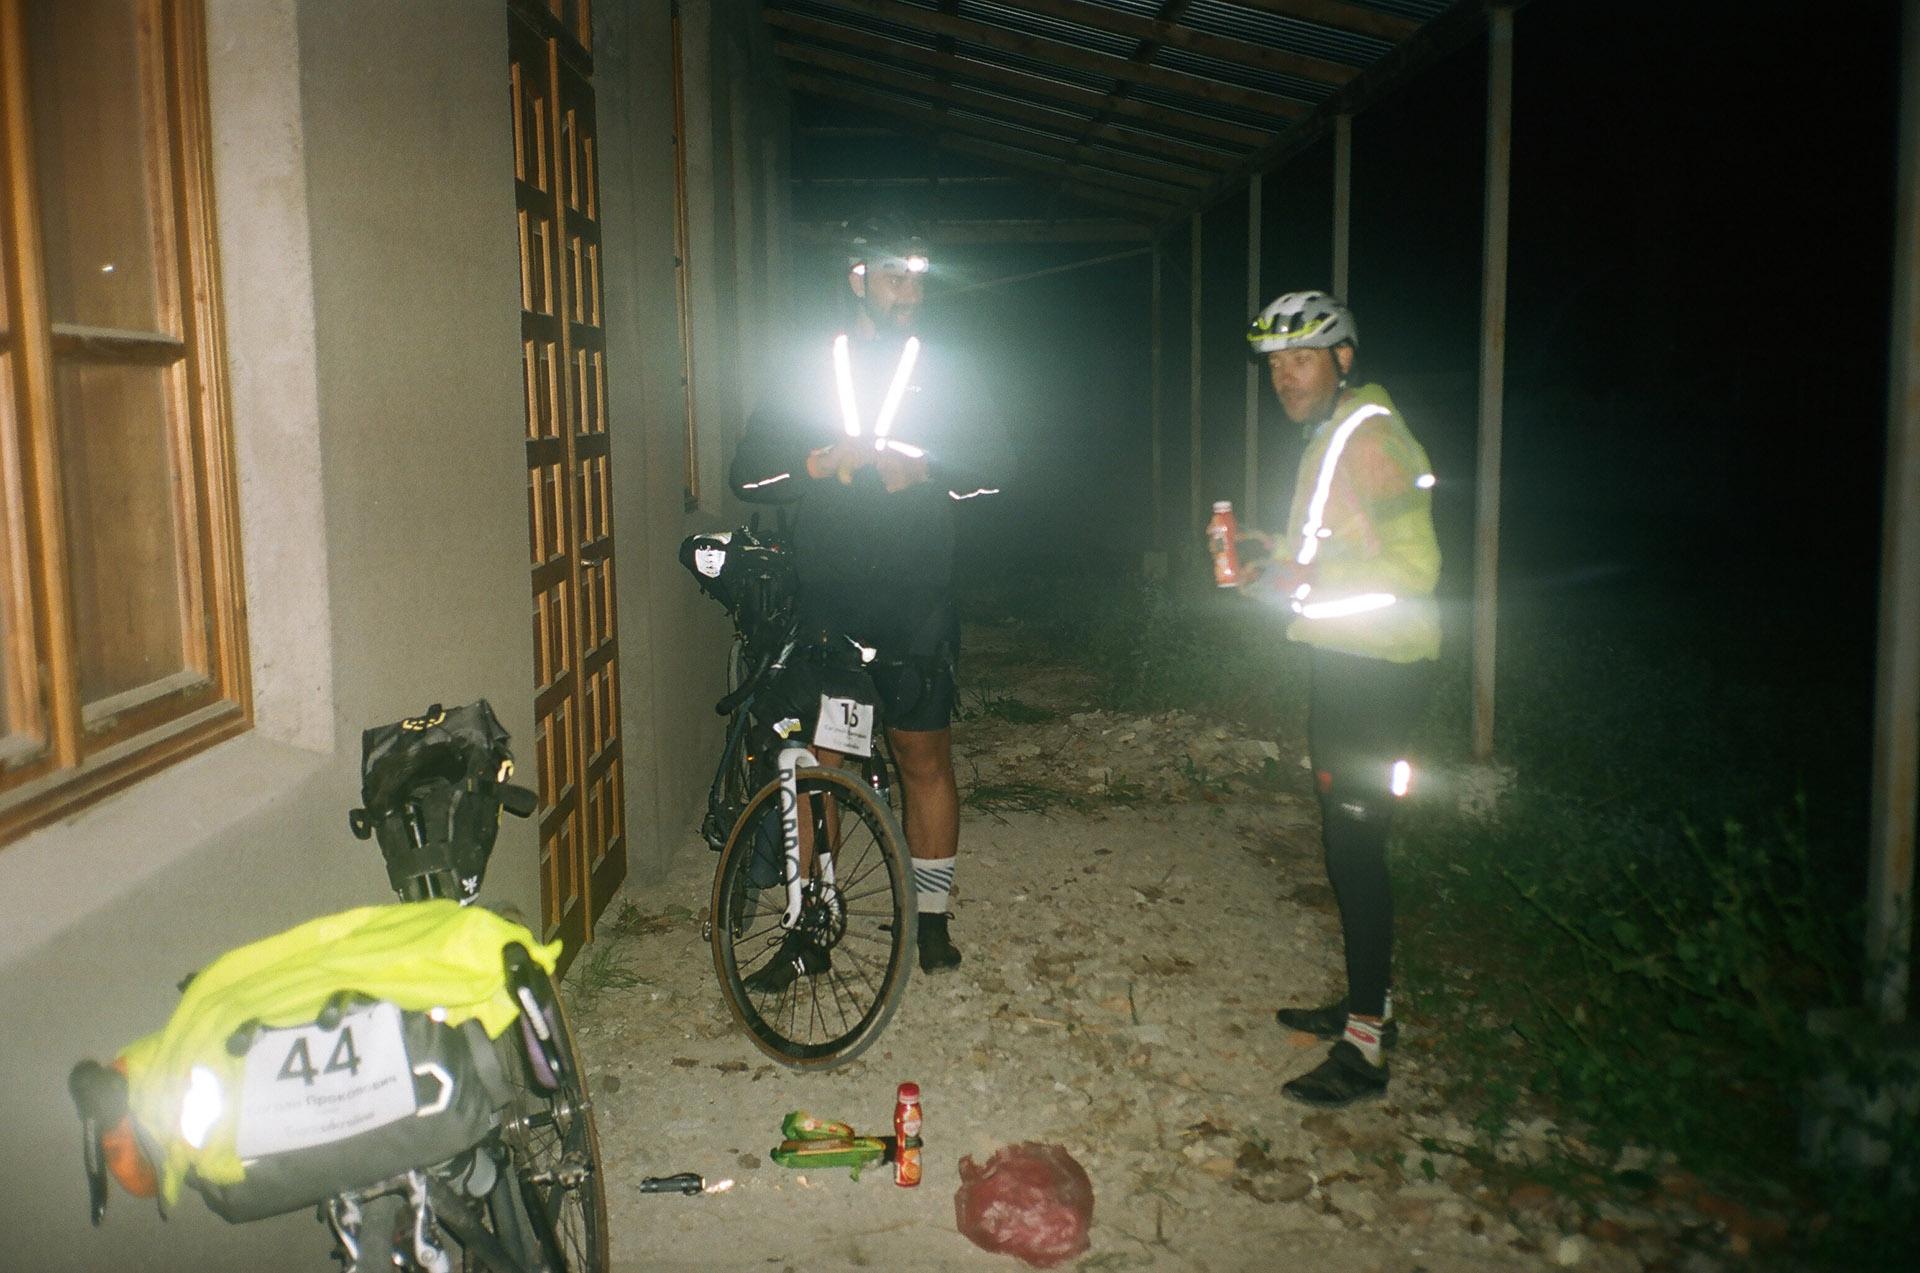 Чоловік, що стоїть поруч з велосипедом